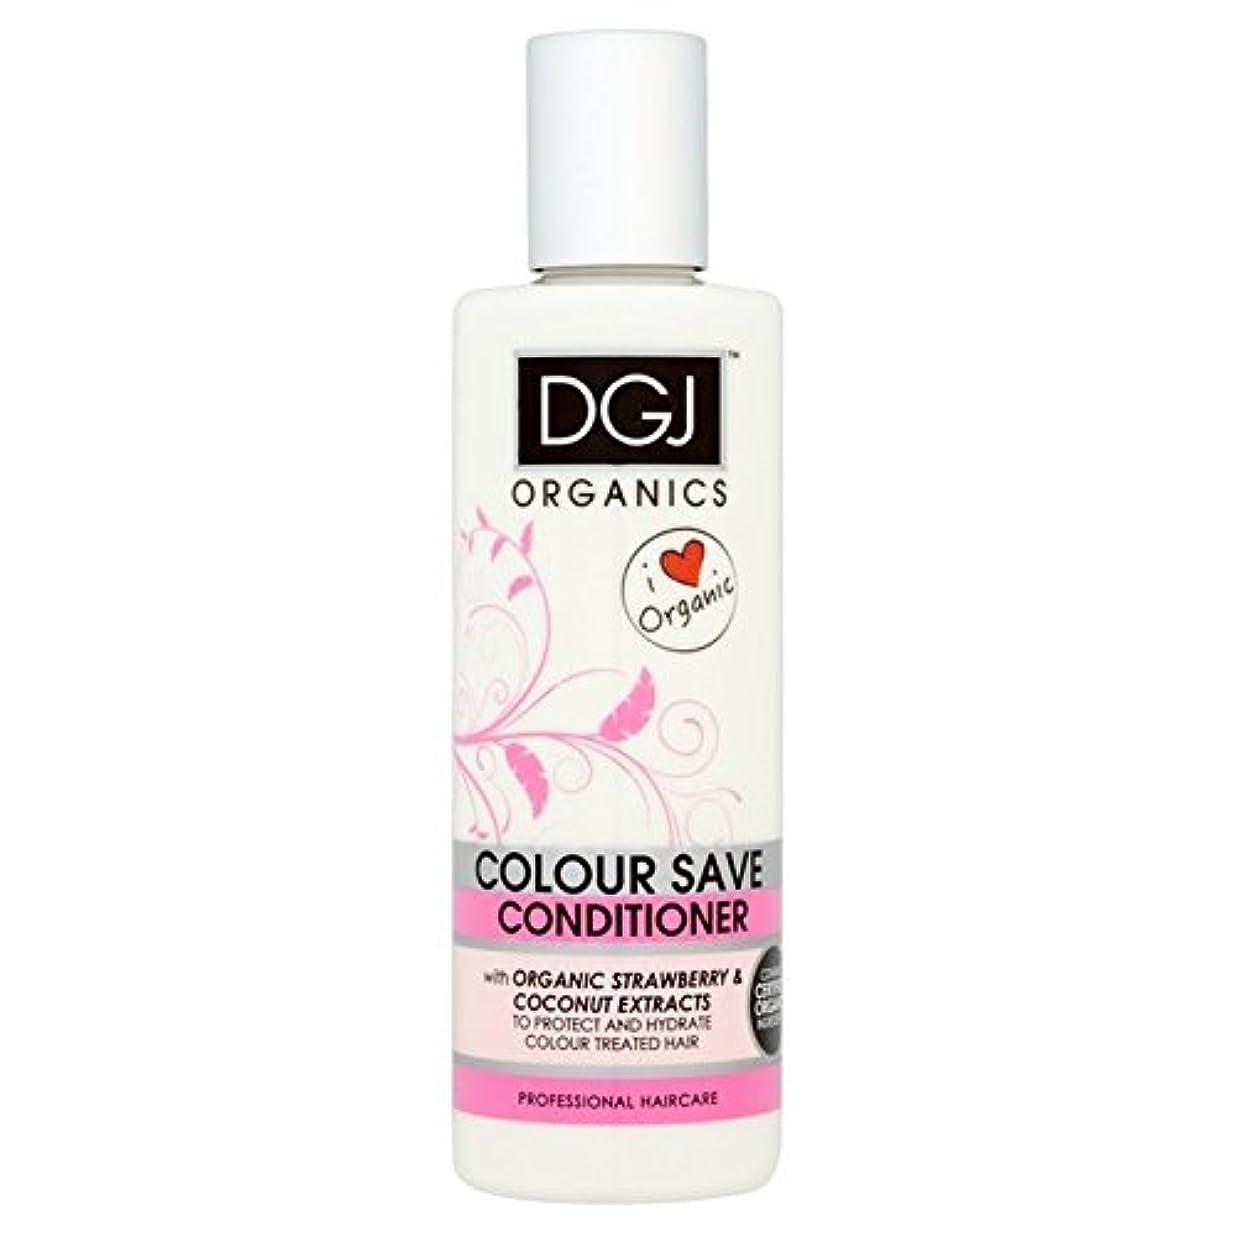 コミュニティハンディ自転車DGJ Organics Colour Save Conditioner 250ml (Pack of 6) - 有機物の色コンディショナー250を保存 x6 [並行輸入品]